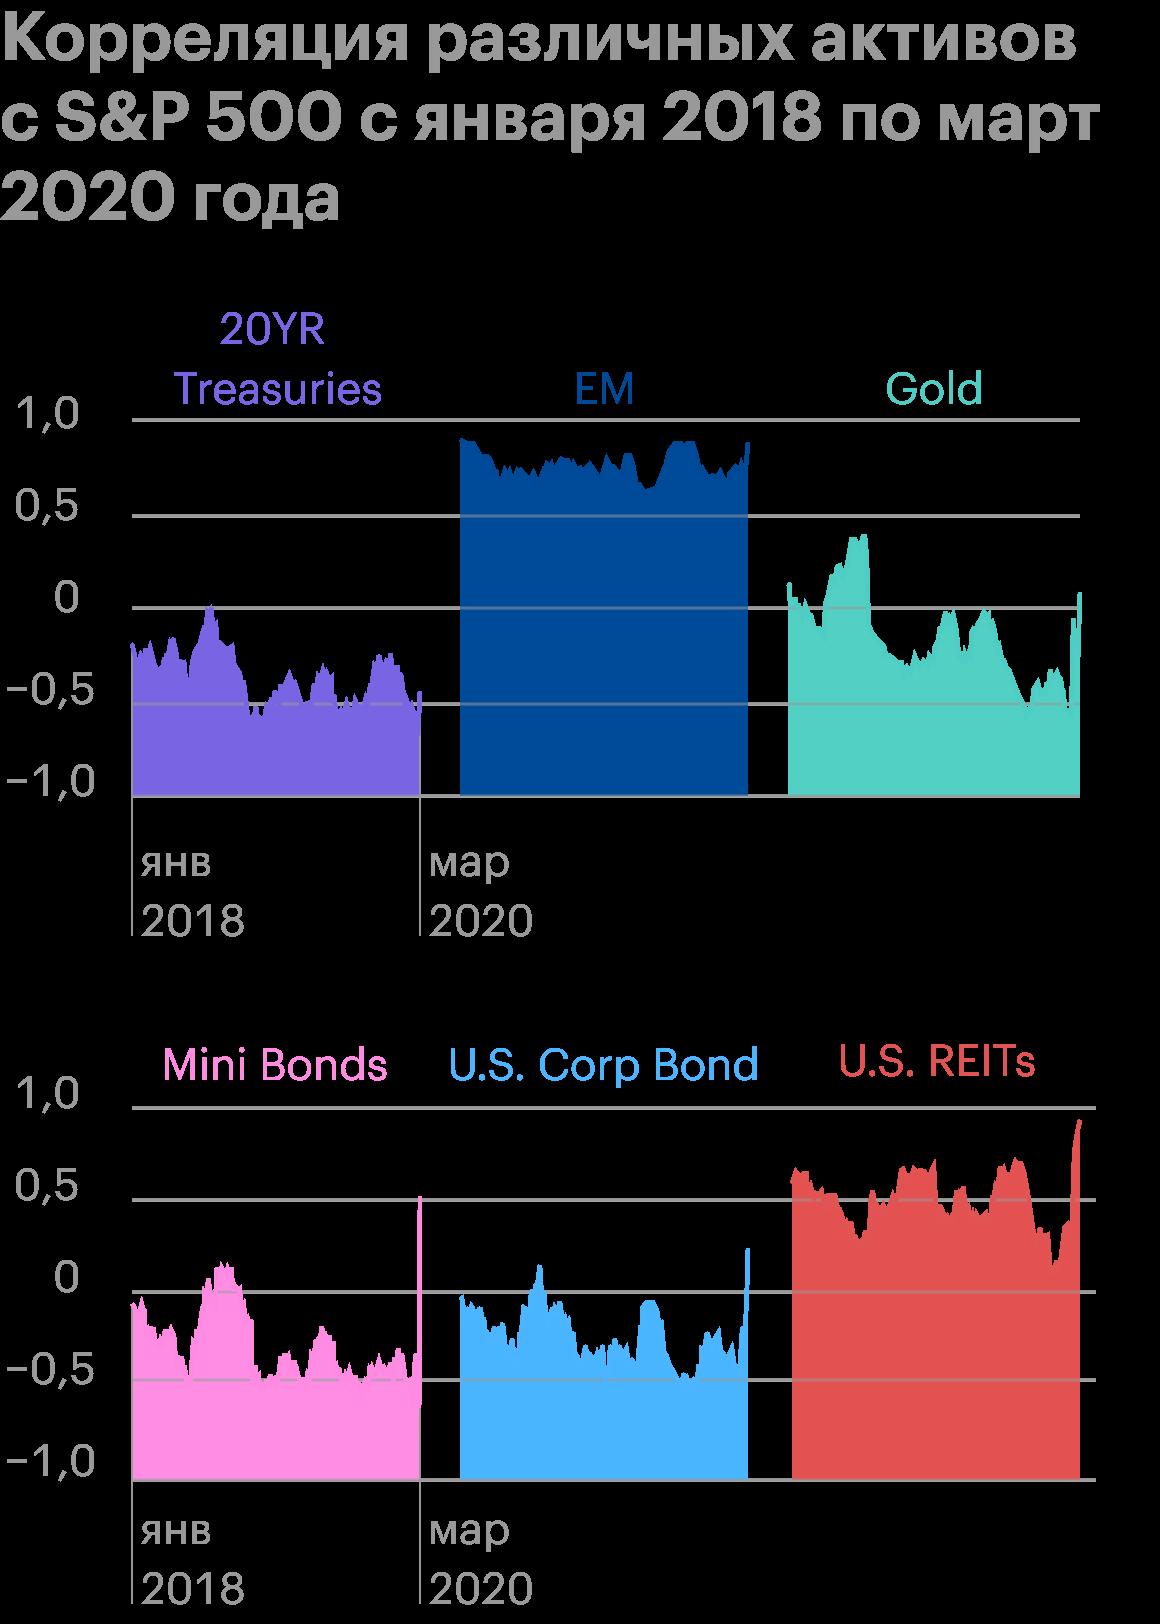 Всплеск взаимосвязи всех типов активов по отношению к S&P; 500 заметен на исторической диаграмме корреляций. Источник: Marker